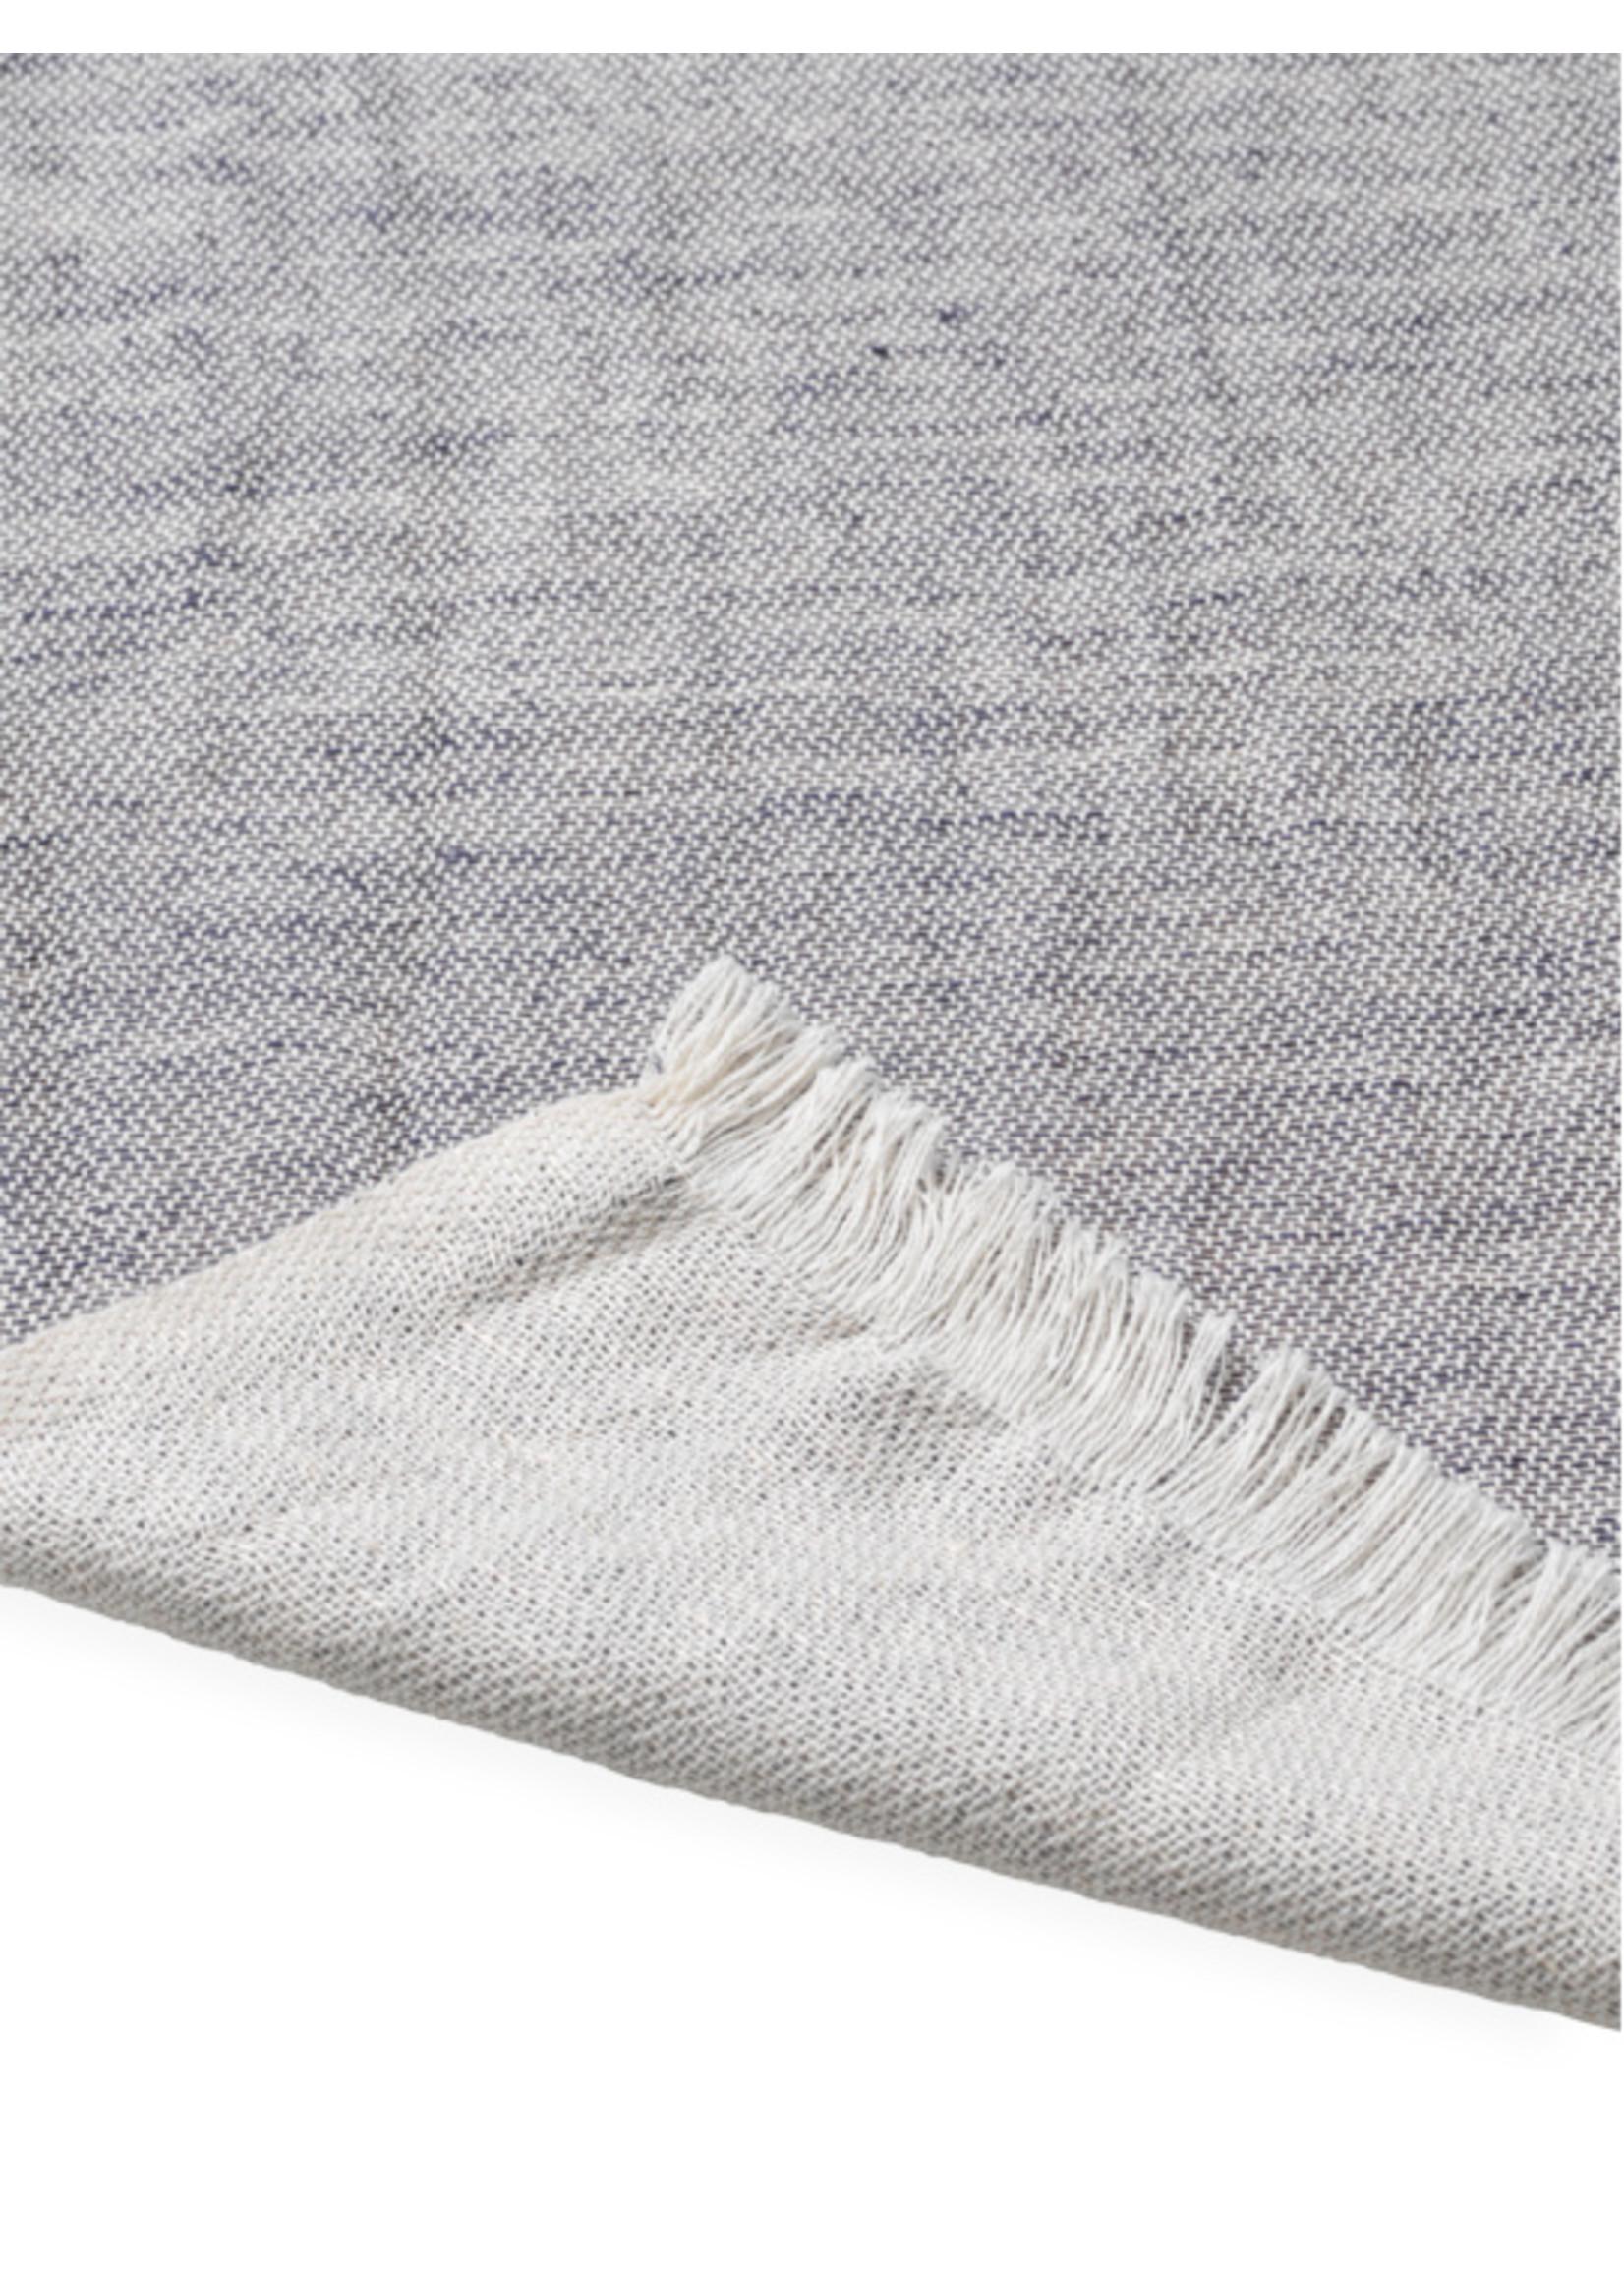 ferm LIVING Ferm Living Blend Tablecloth 140x240 - Blue